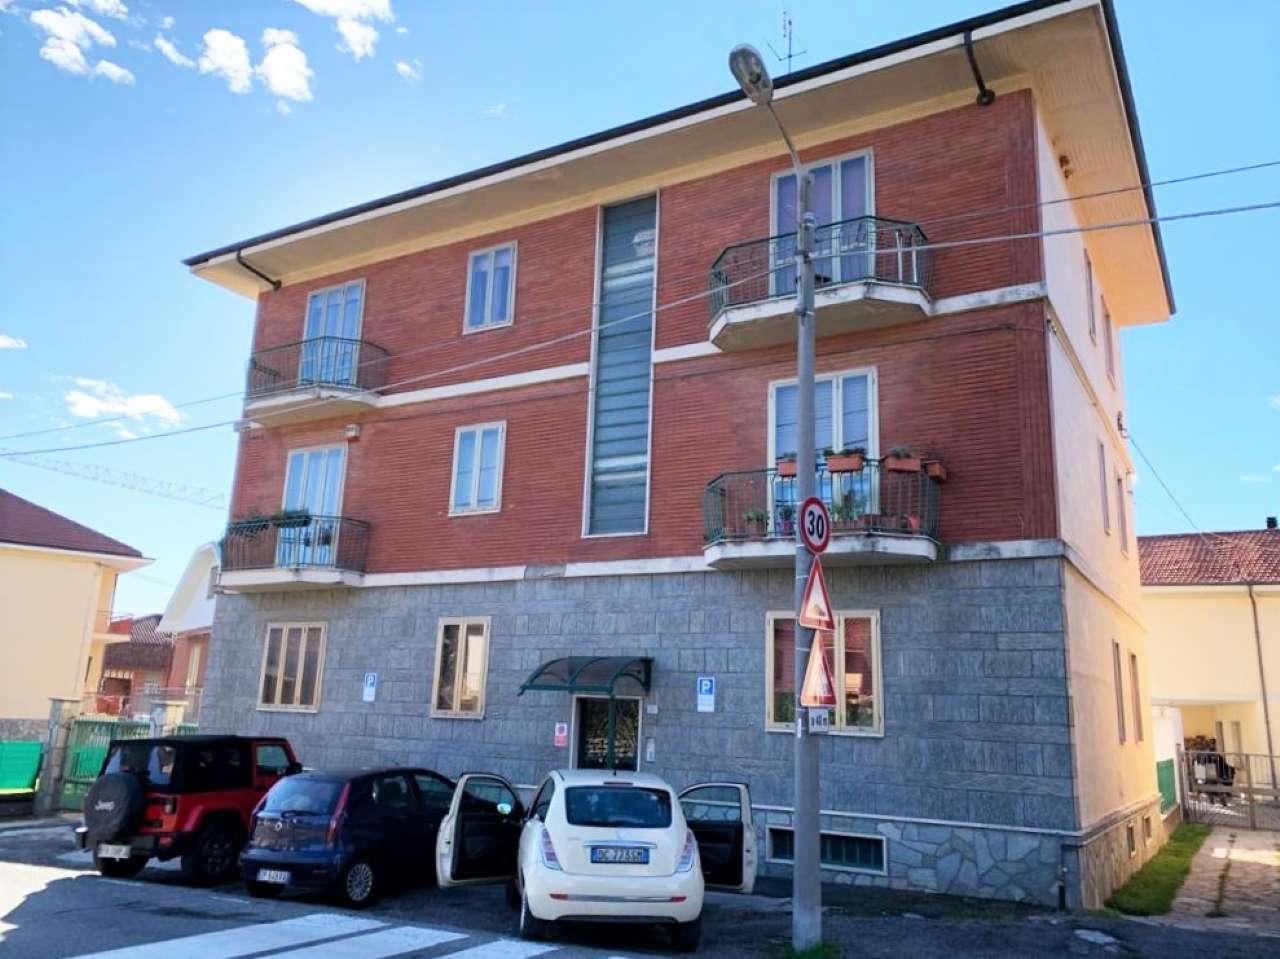 Appartamento in vendita a Villarbasse, 4 locali, prezzo € 75.000 | PortaleAgenzieImmobiliari.it